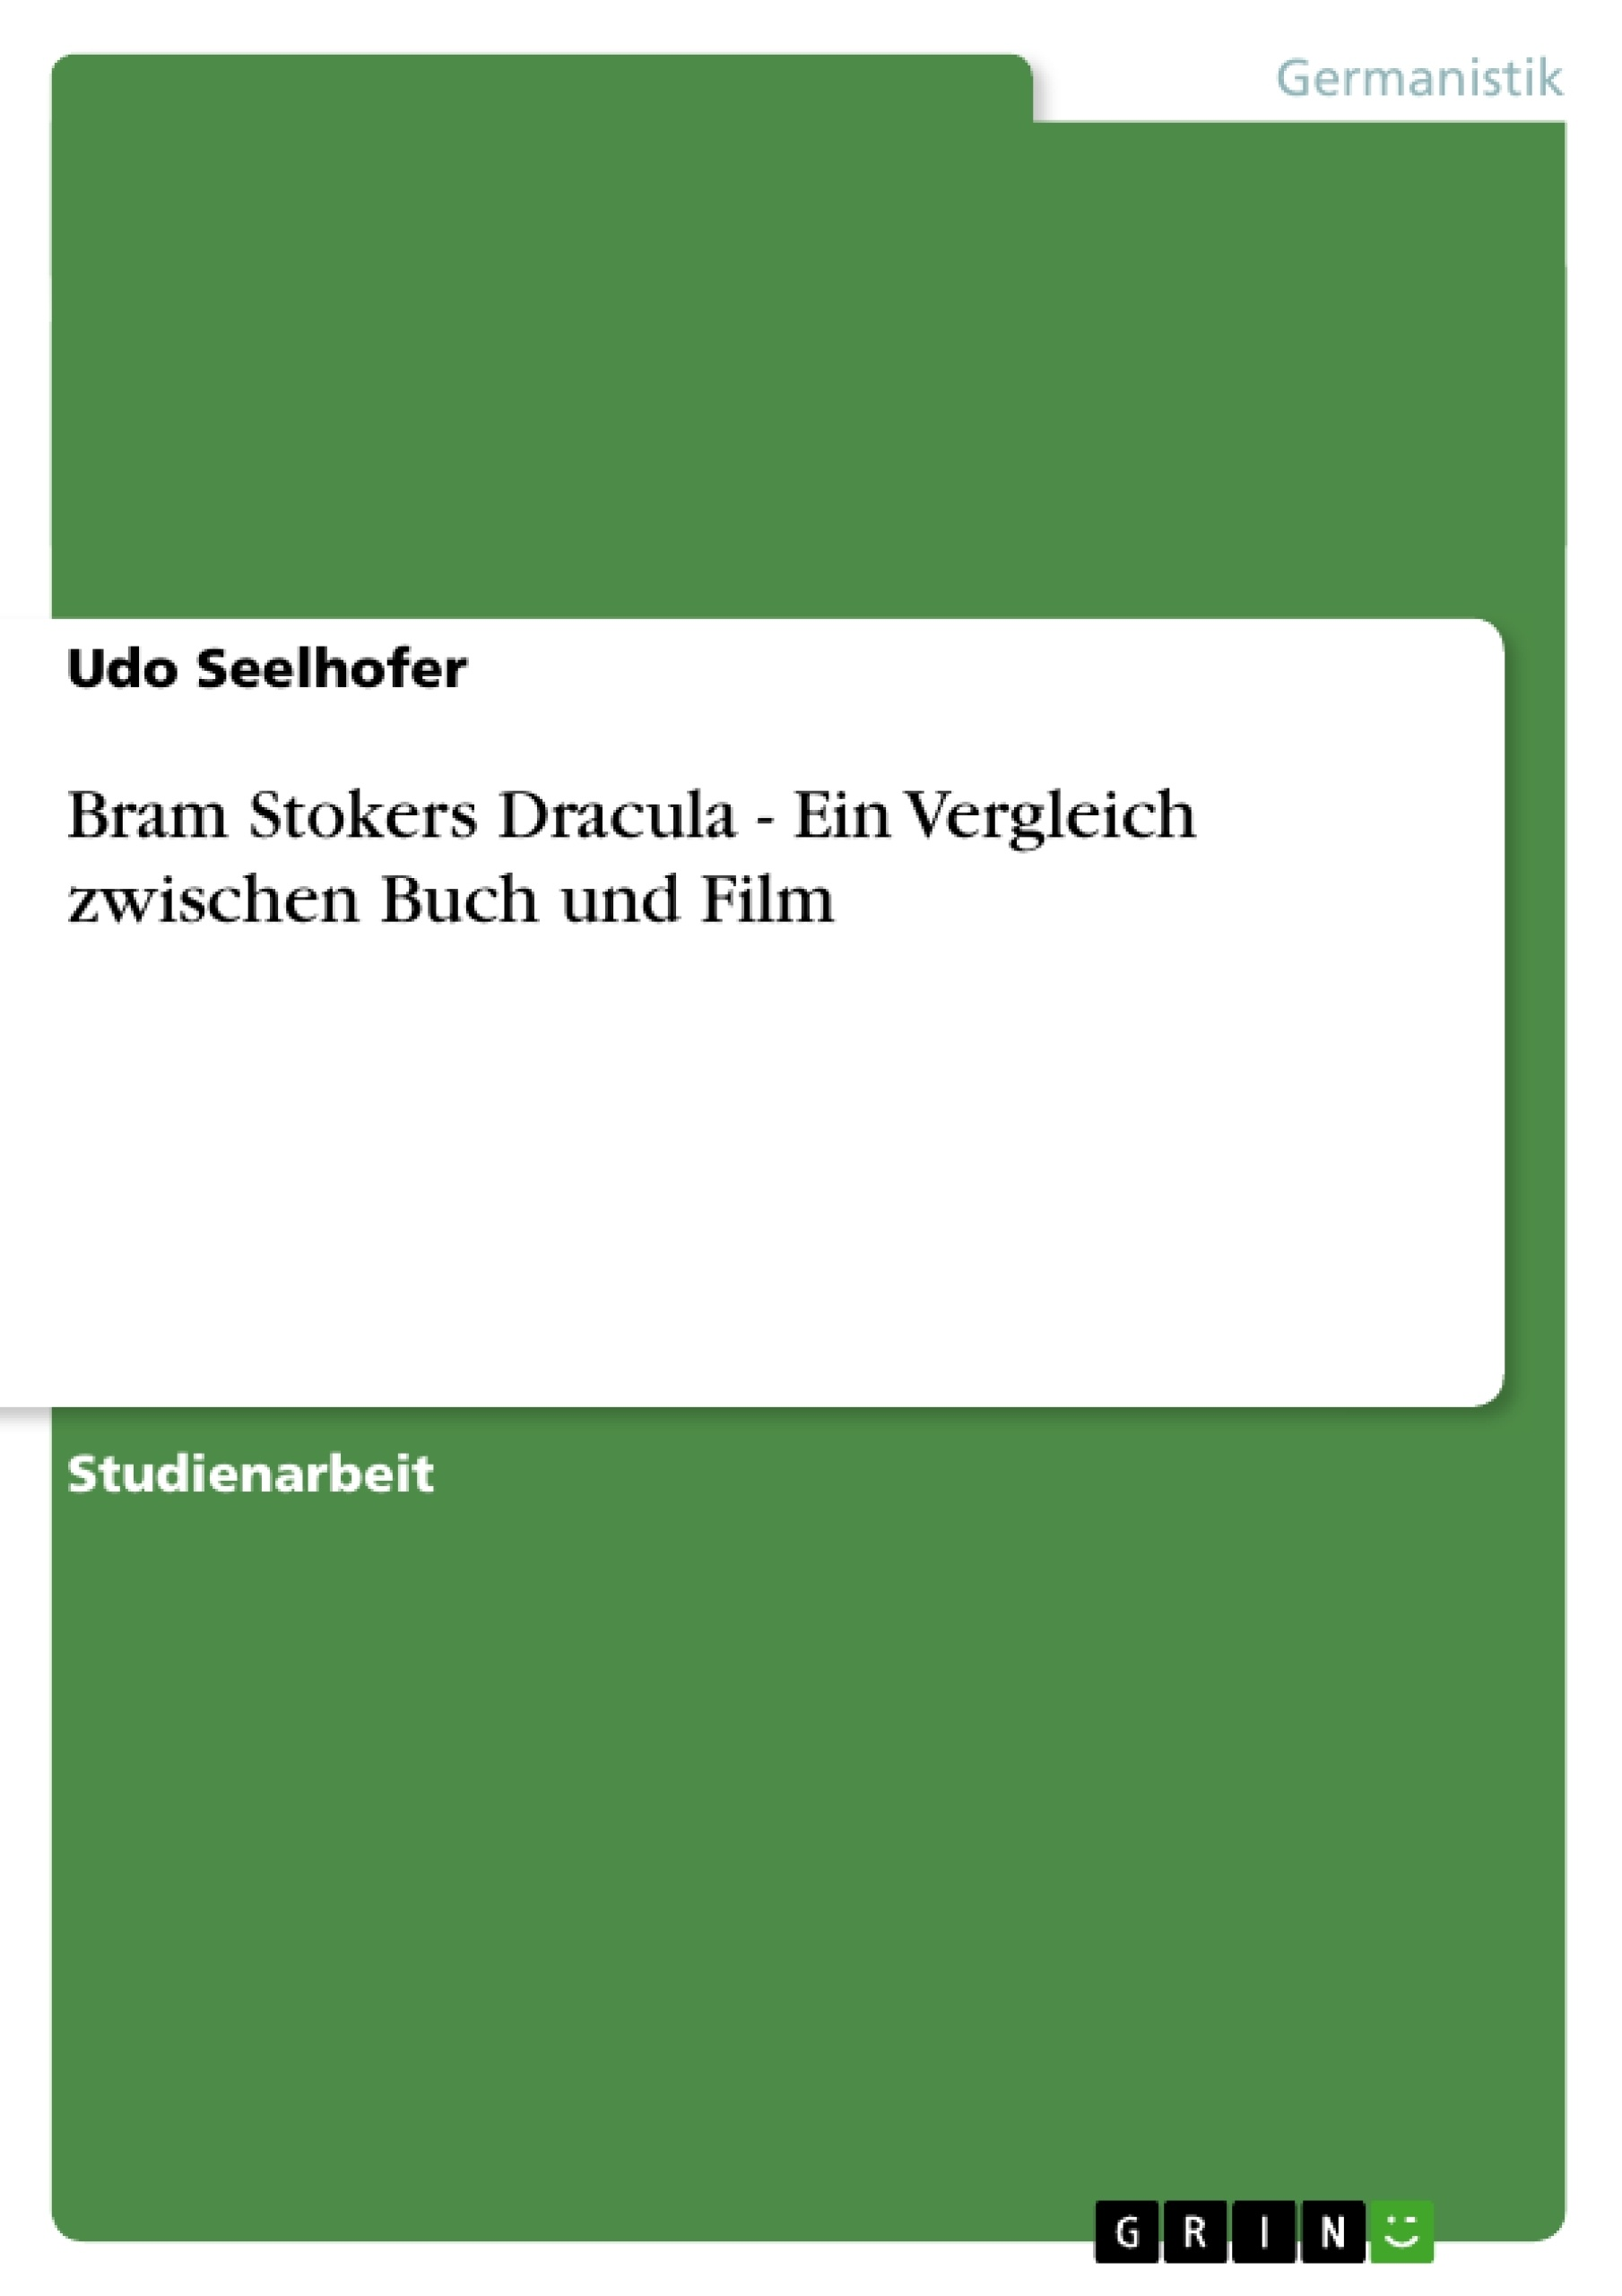 Titel: Bram Stokers Dracula - Ein Vergleich zwischen Buch und Film